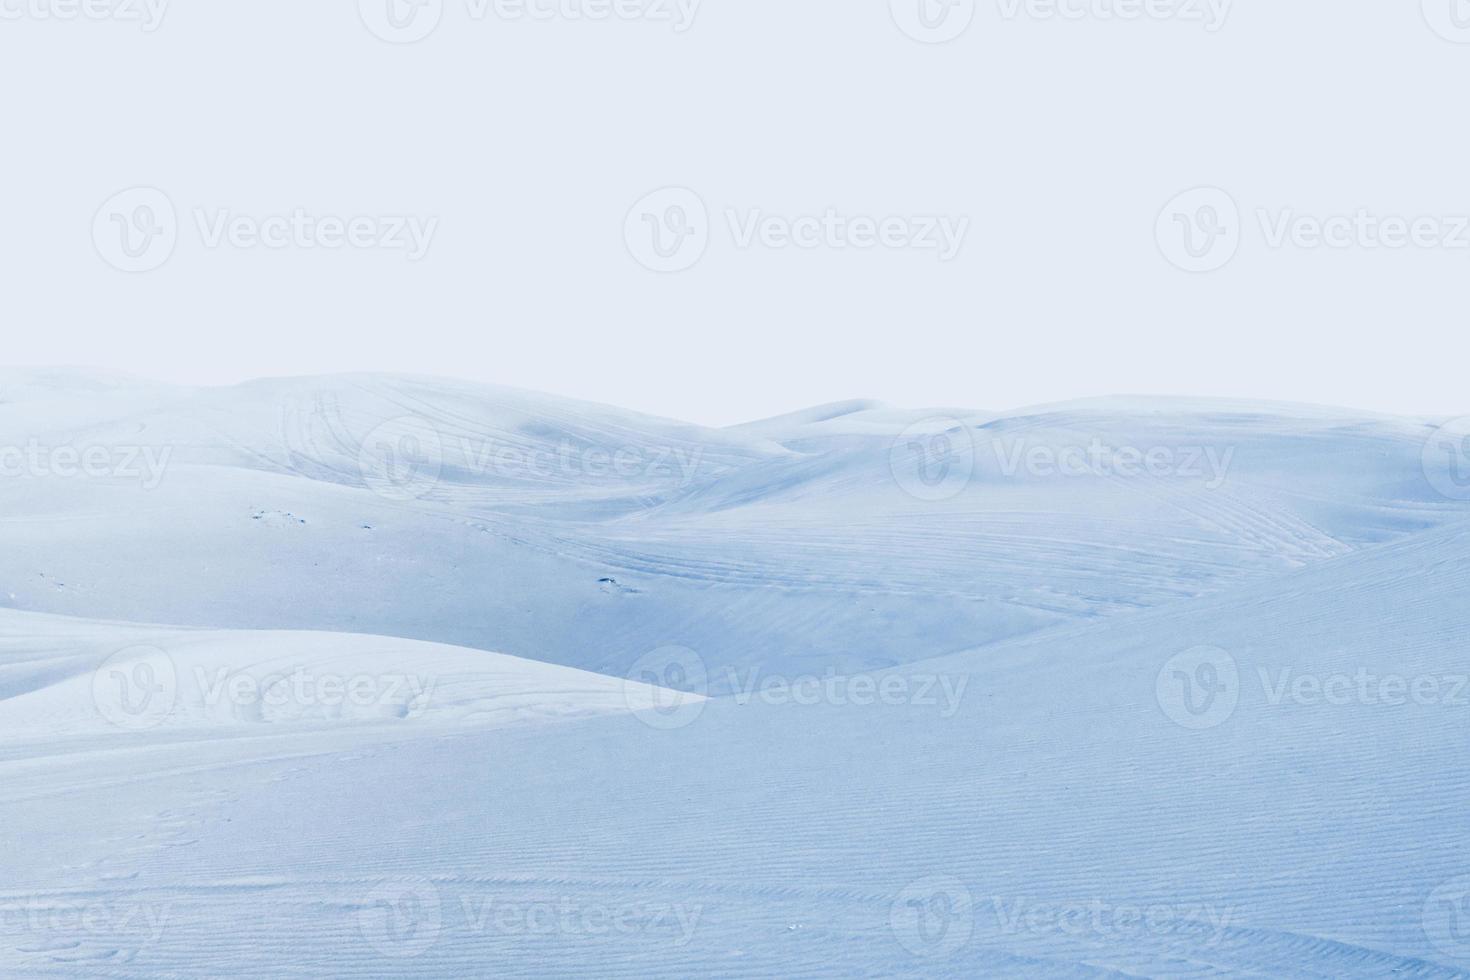 désert arctique. paysage d'hiver avec des dérives de neige. photo